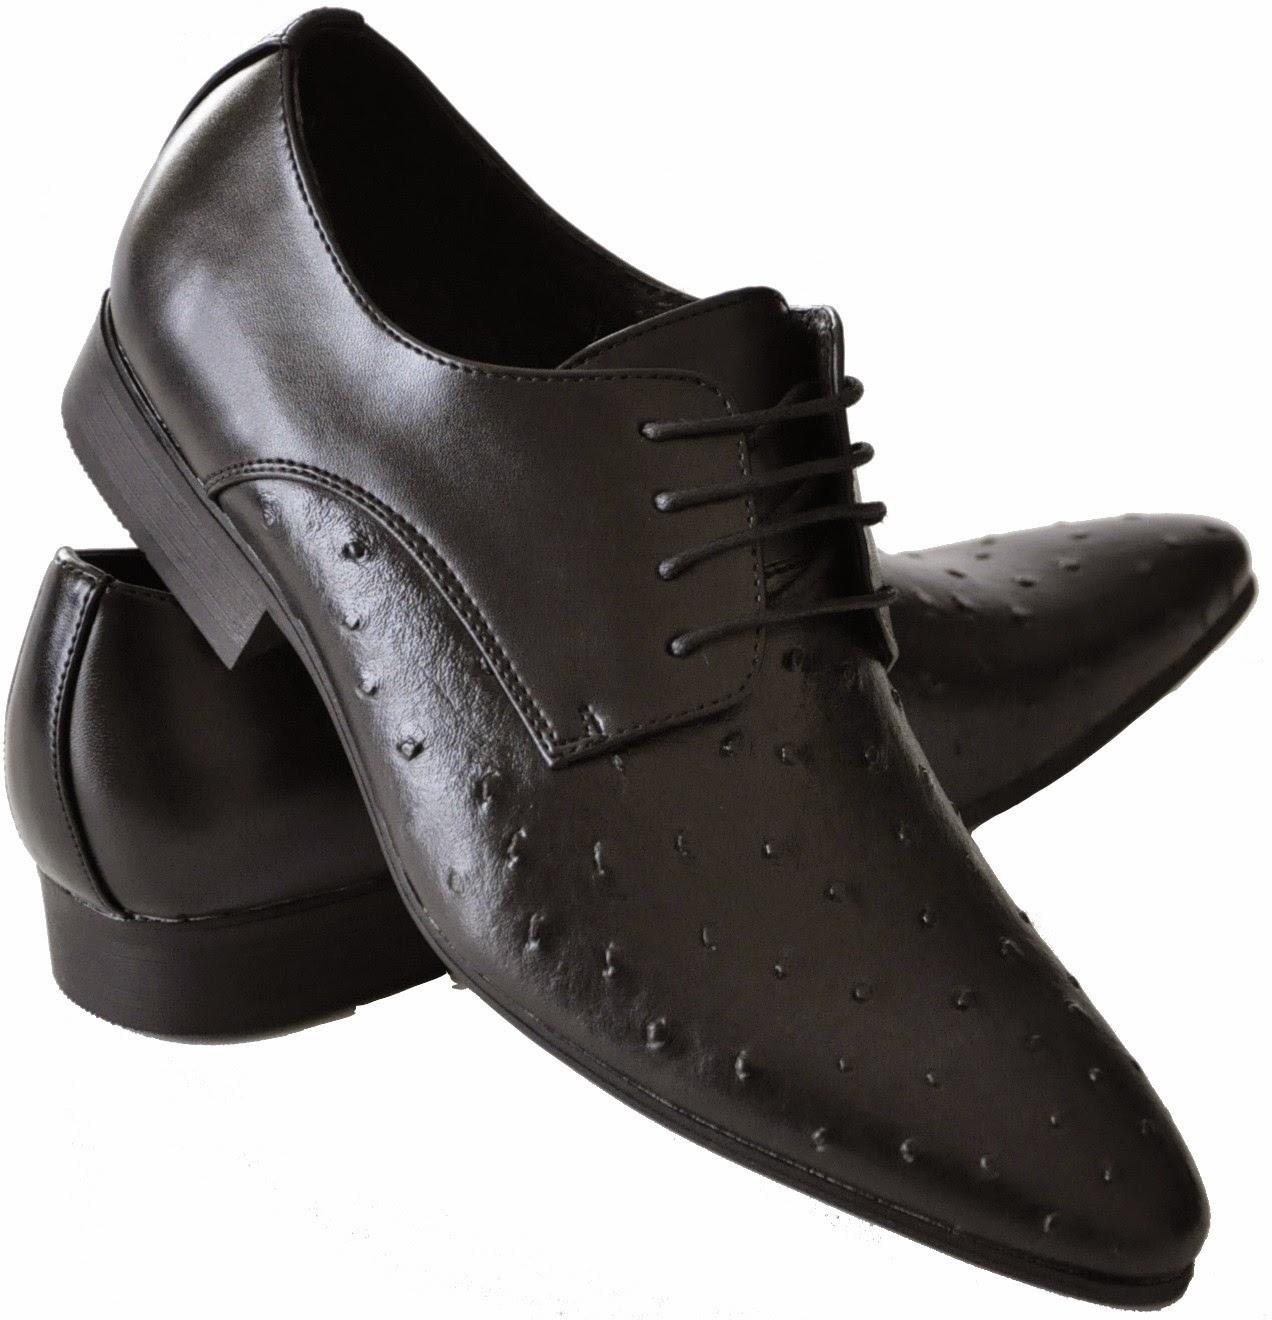 Commandez des chaussures de la marques Timberland, Fred Perry ou encore Adidas pour être à la pointe de la mode tout au long de l'année. CHAUSSURES ENFANT: Shoes, véritable spécialiste dans la vente de chaussures pour femme et homme, propose également des chaussures pas chères pour enfant.